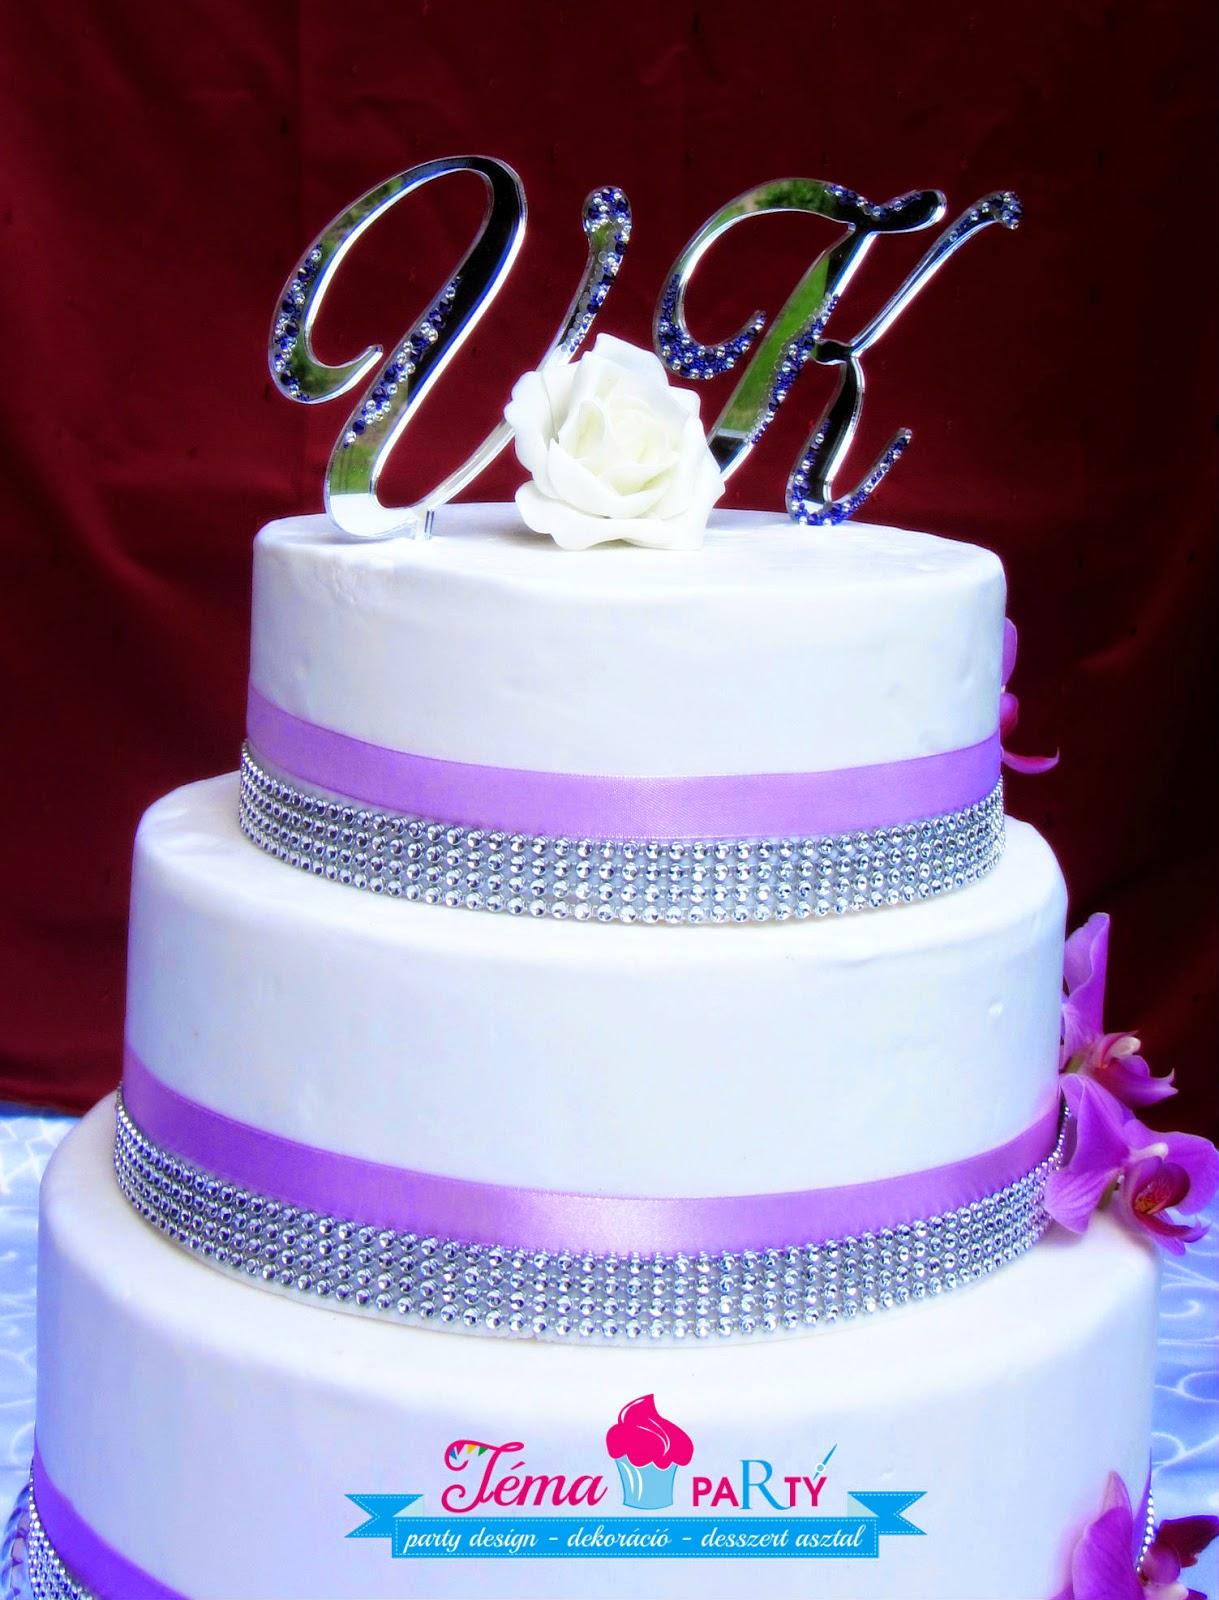 egyedi esküvői torta Strasszkirály: Különleges, egyedi esküvői tortadekoráció Swarovski  egyedi esküvői torta